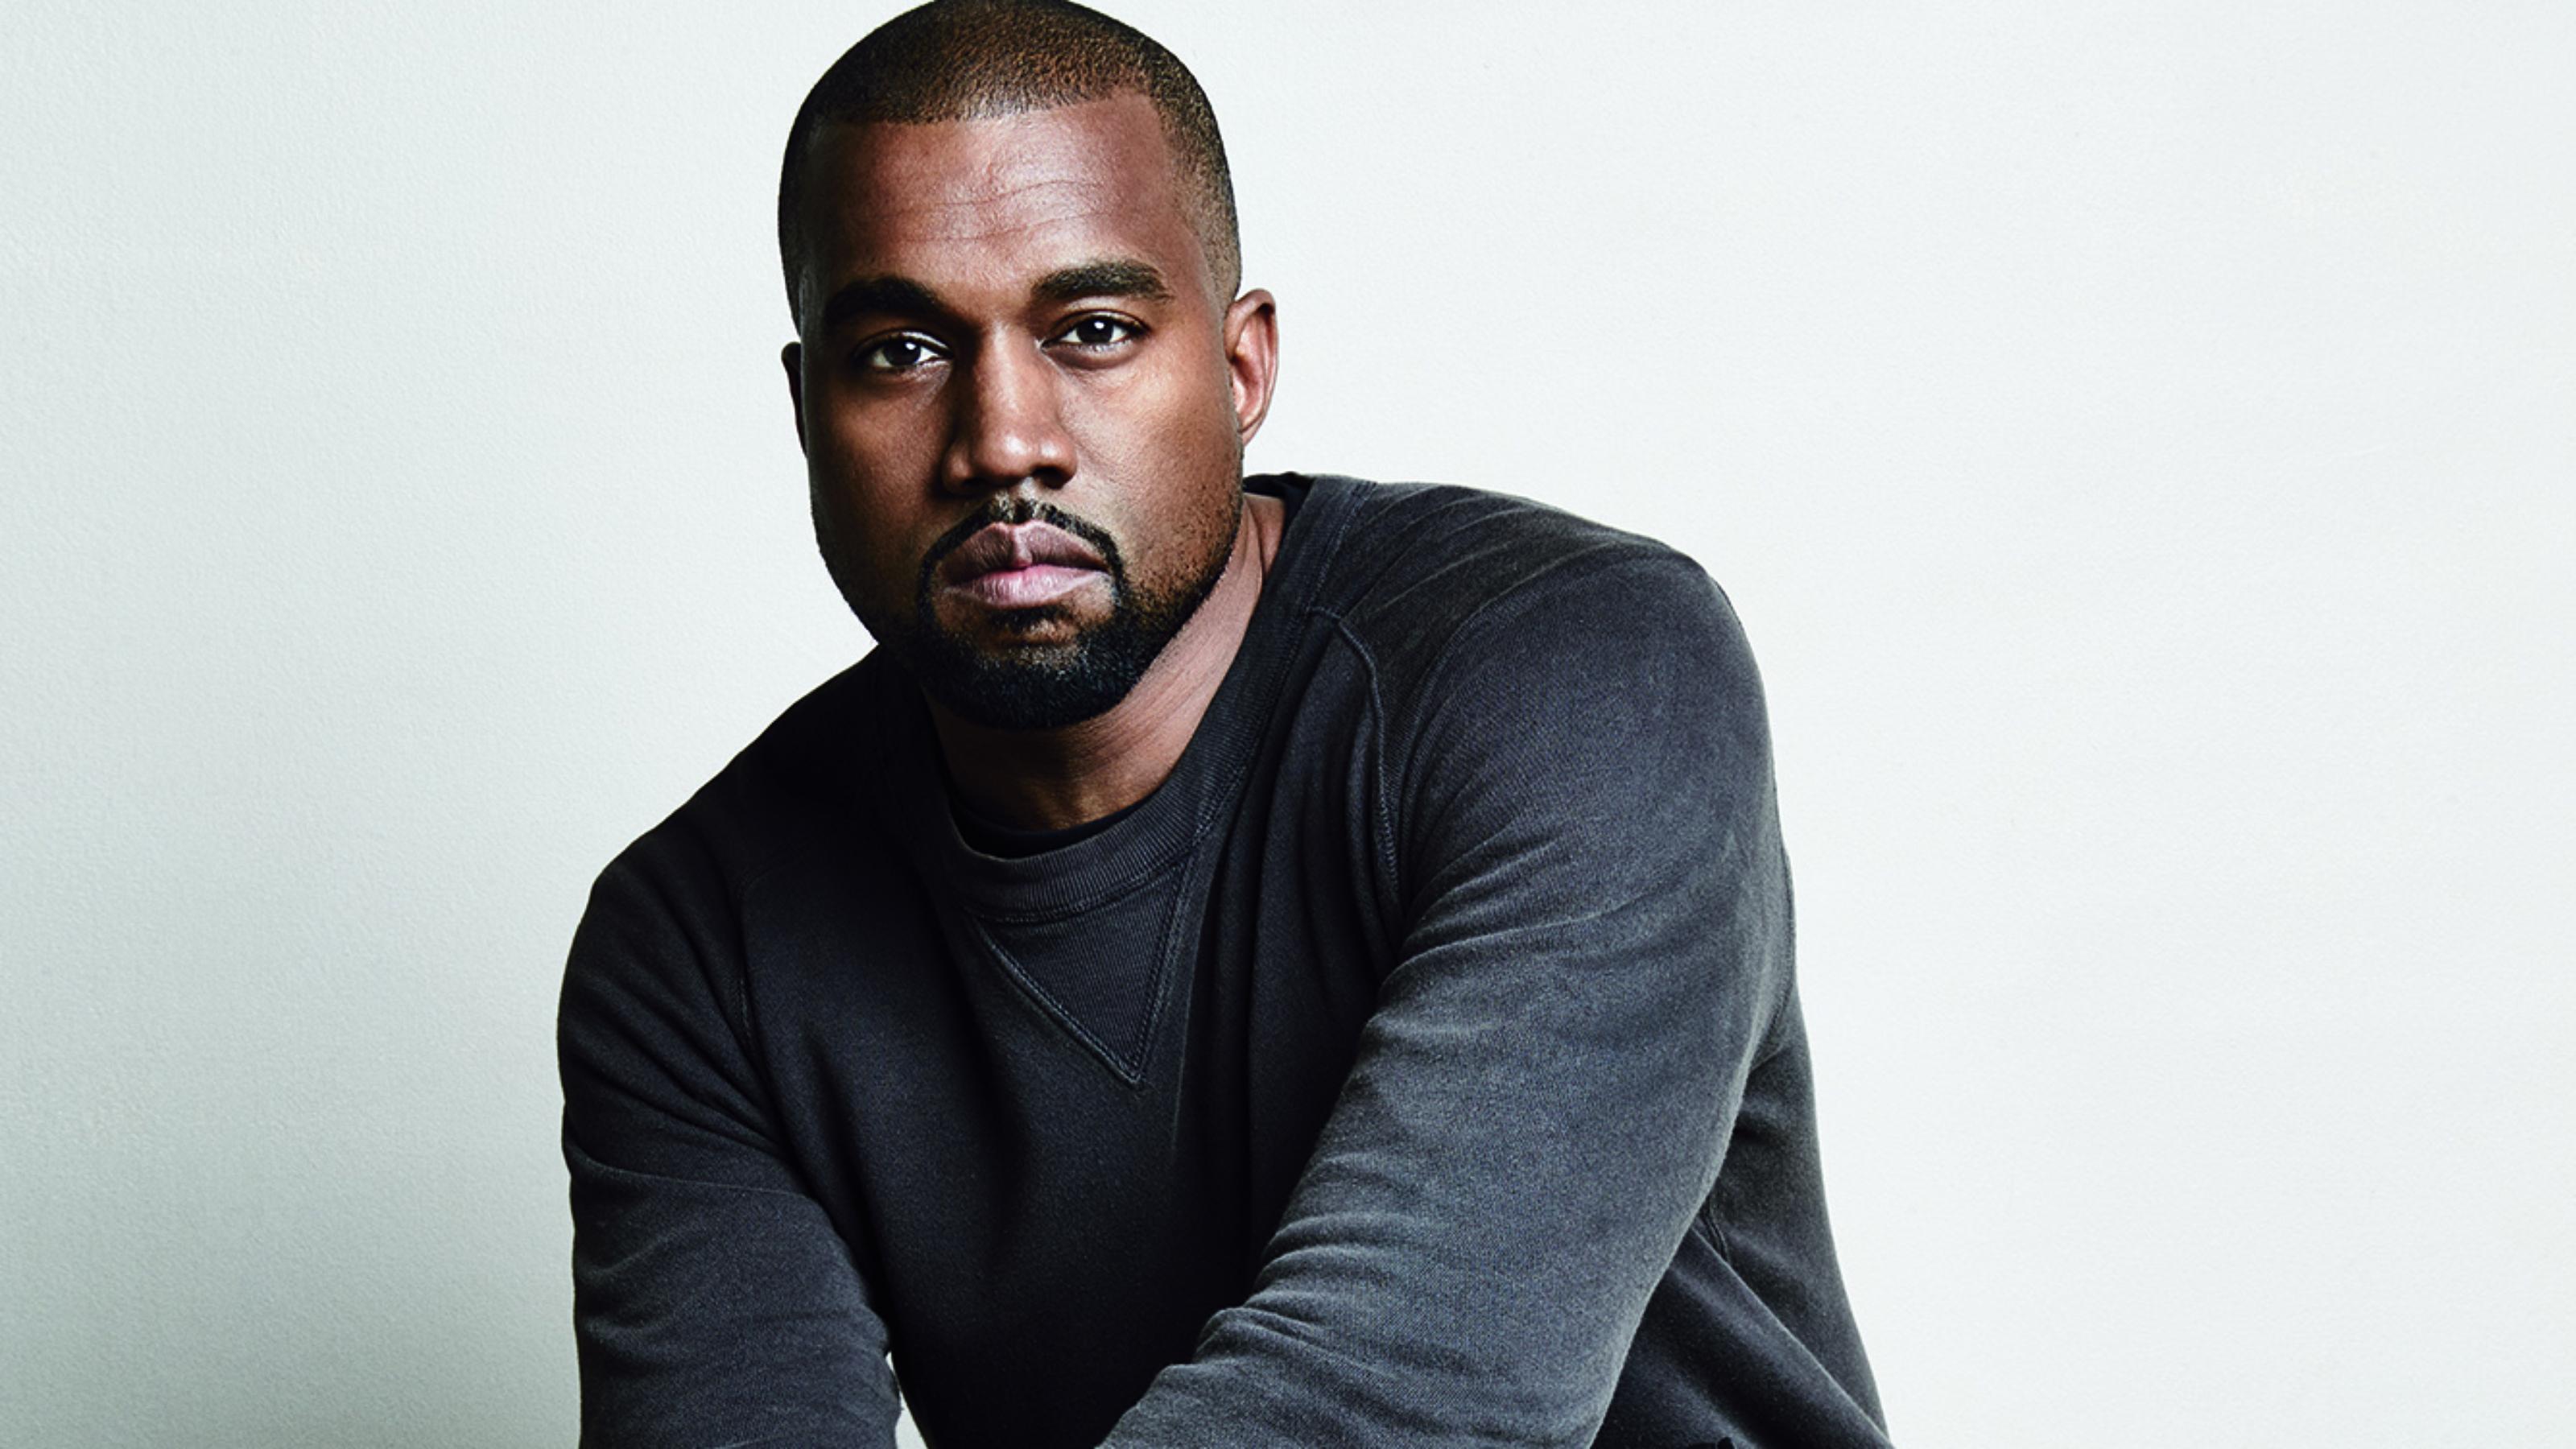 Le clip de Kanye West «Famous» sera diffusé ce soir dans les rues de New York